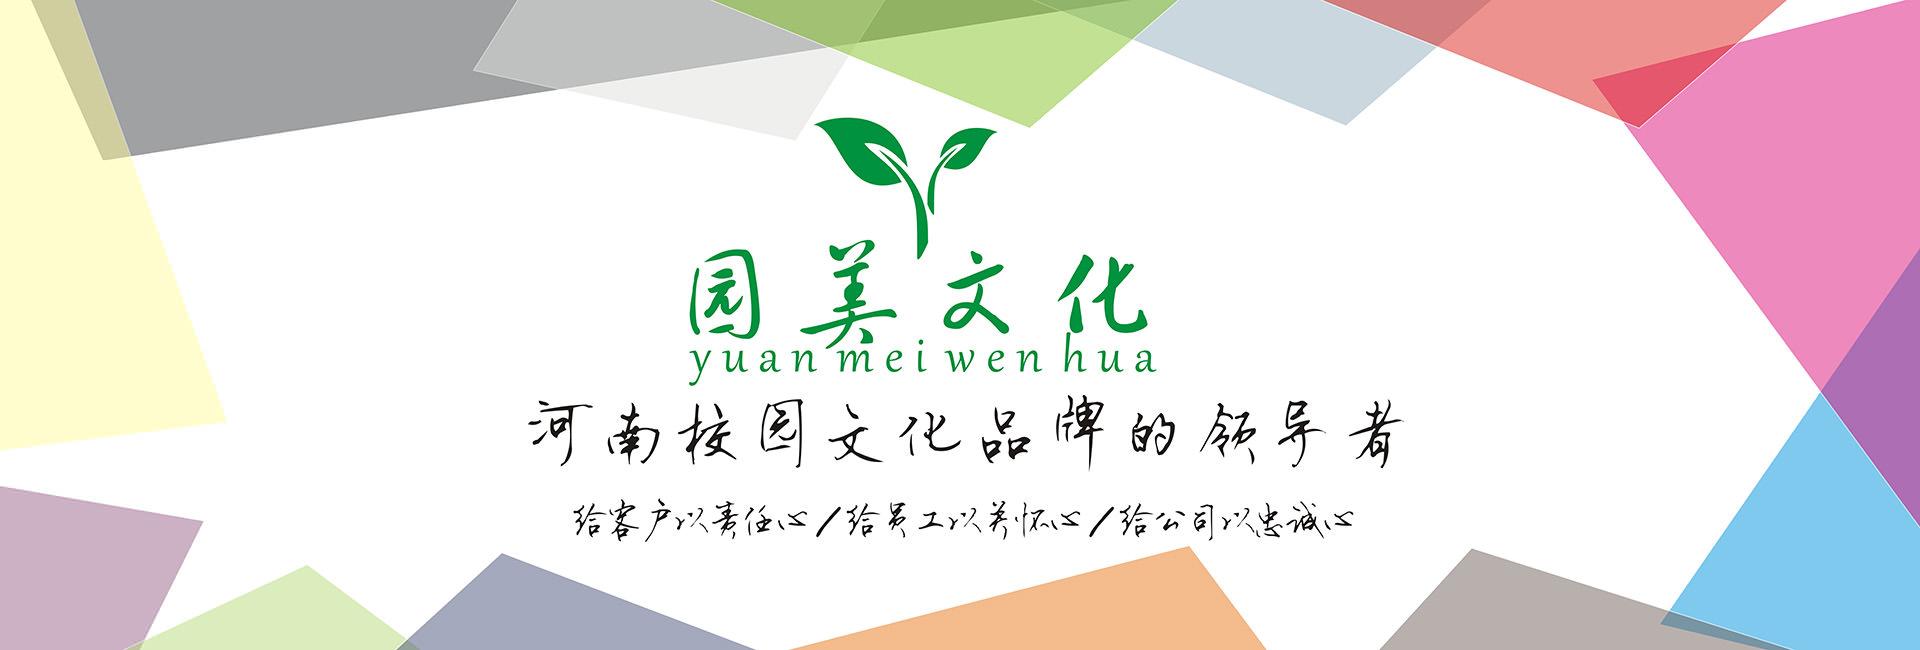 校园文化-郑州园美文化传播有限公司-专注郑州校园文化建设